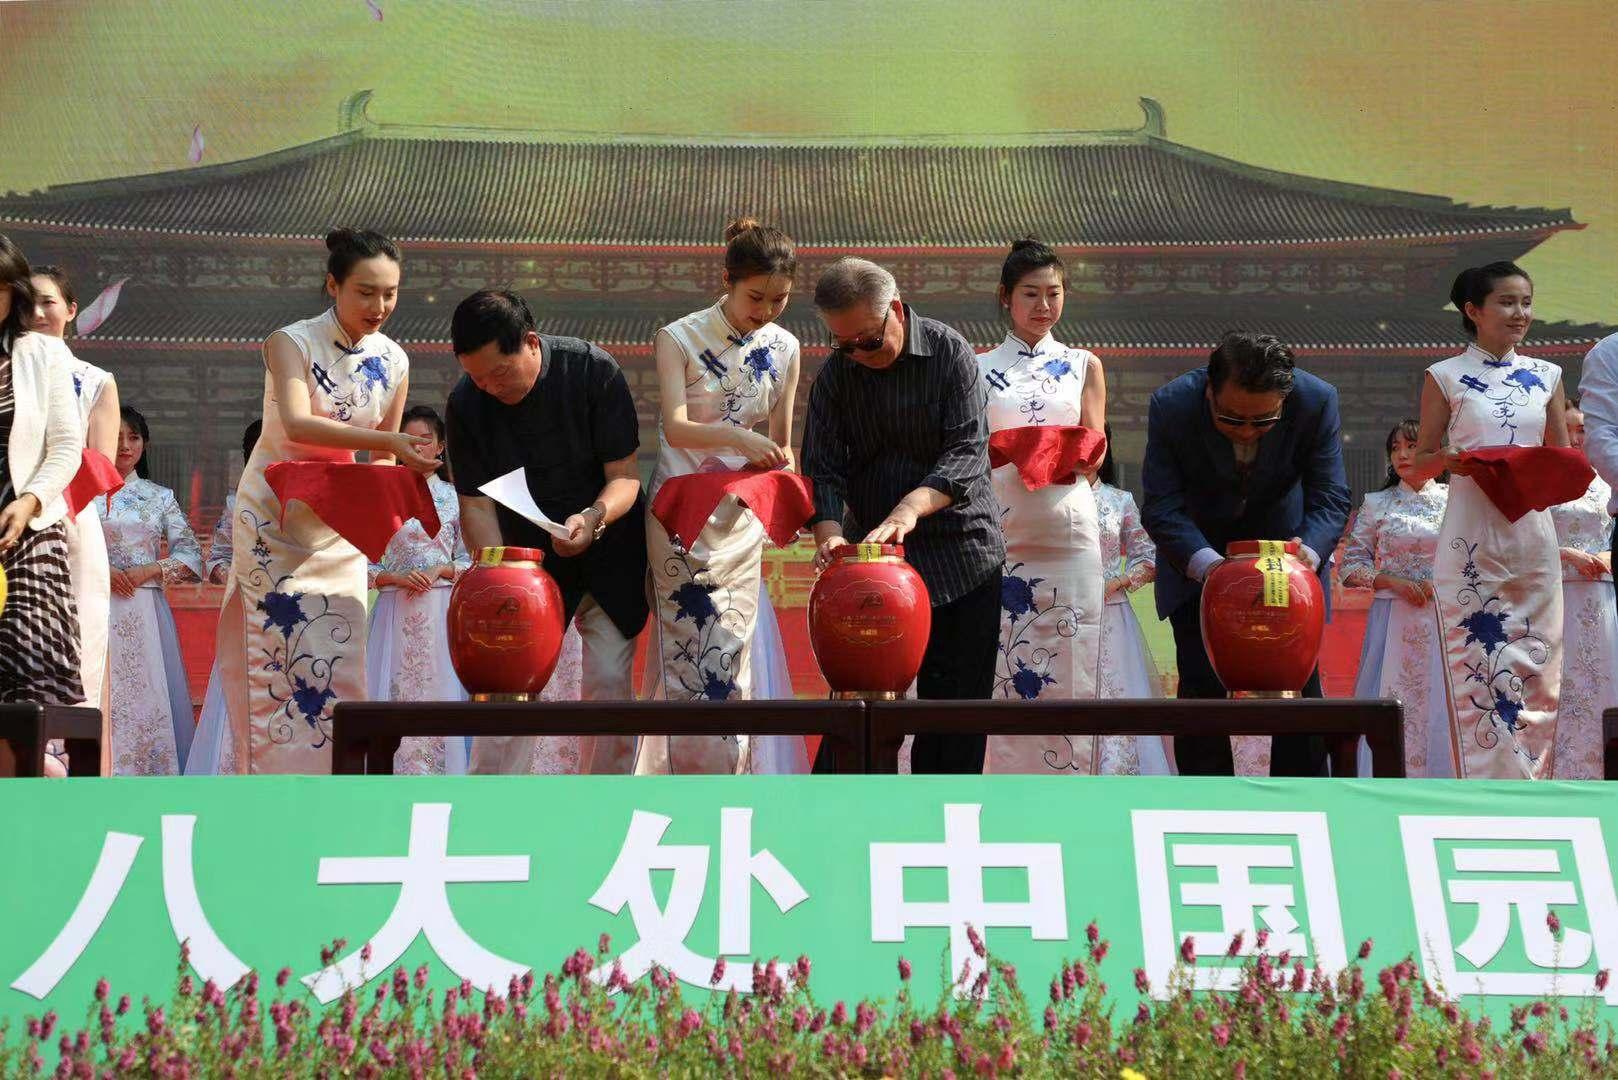 品茶泼墨看展览,我国园林茶文化节八大处开幕